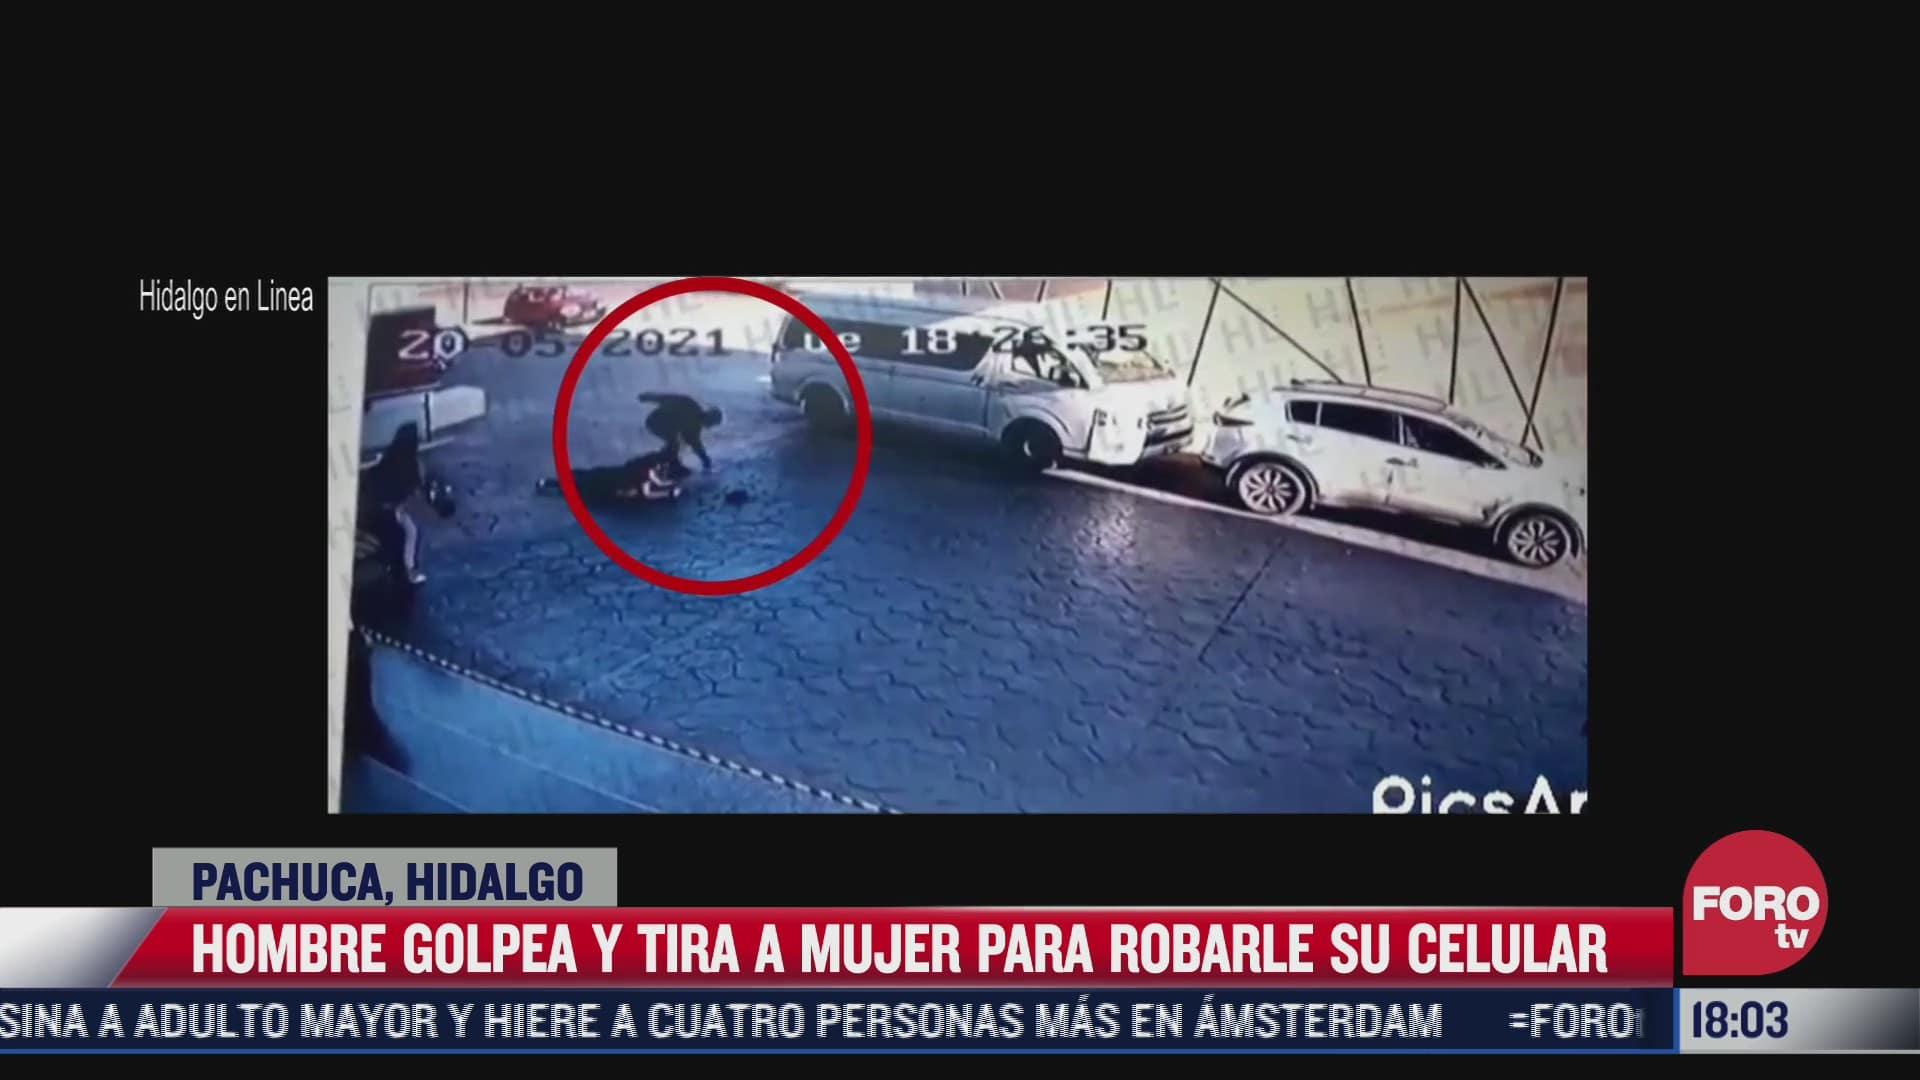 hombre golpea y tira a mujer para robarle celular en hidalgo